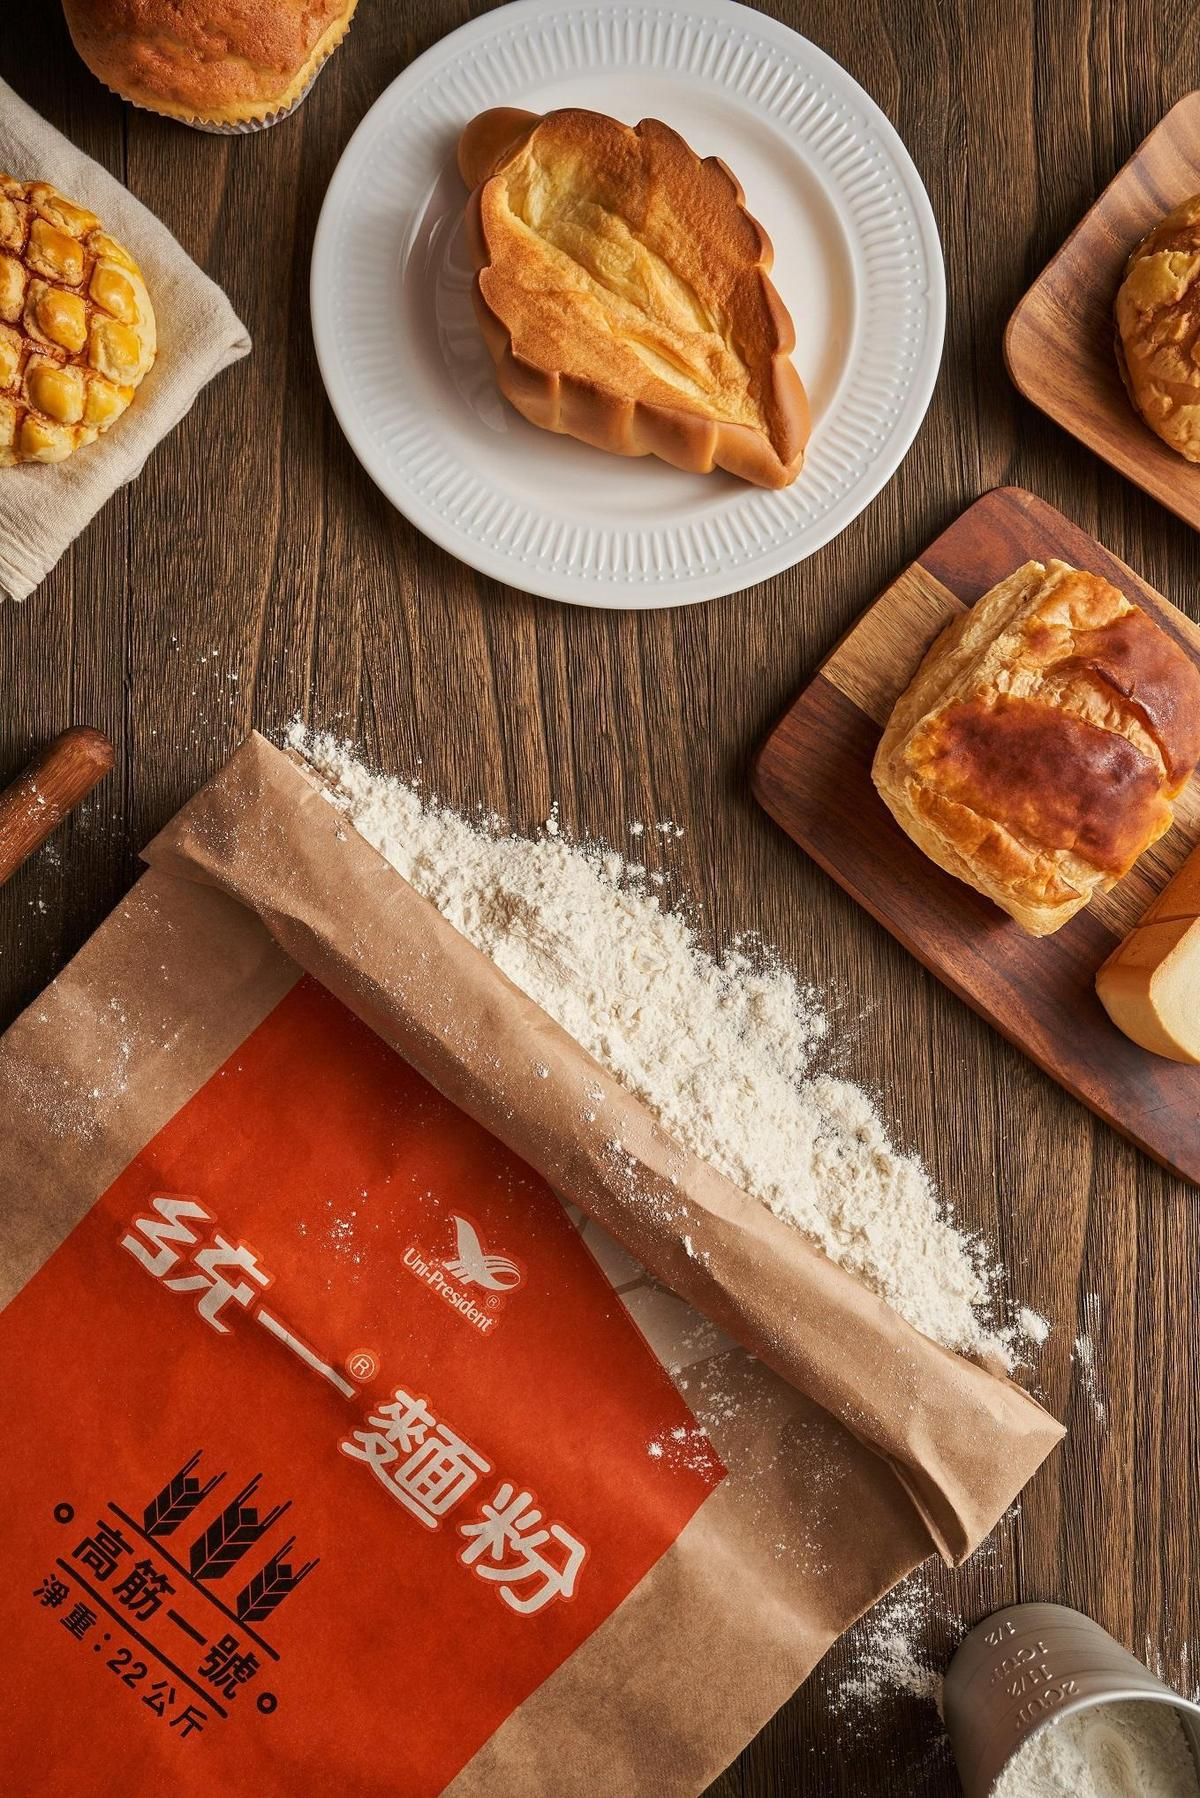 統一麵粉全面改用認證原紙紙袋包裝,為台灣烘焙業注入向上升級的動能。